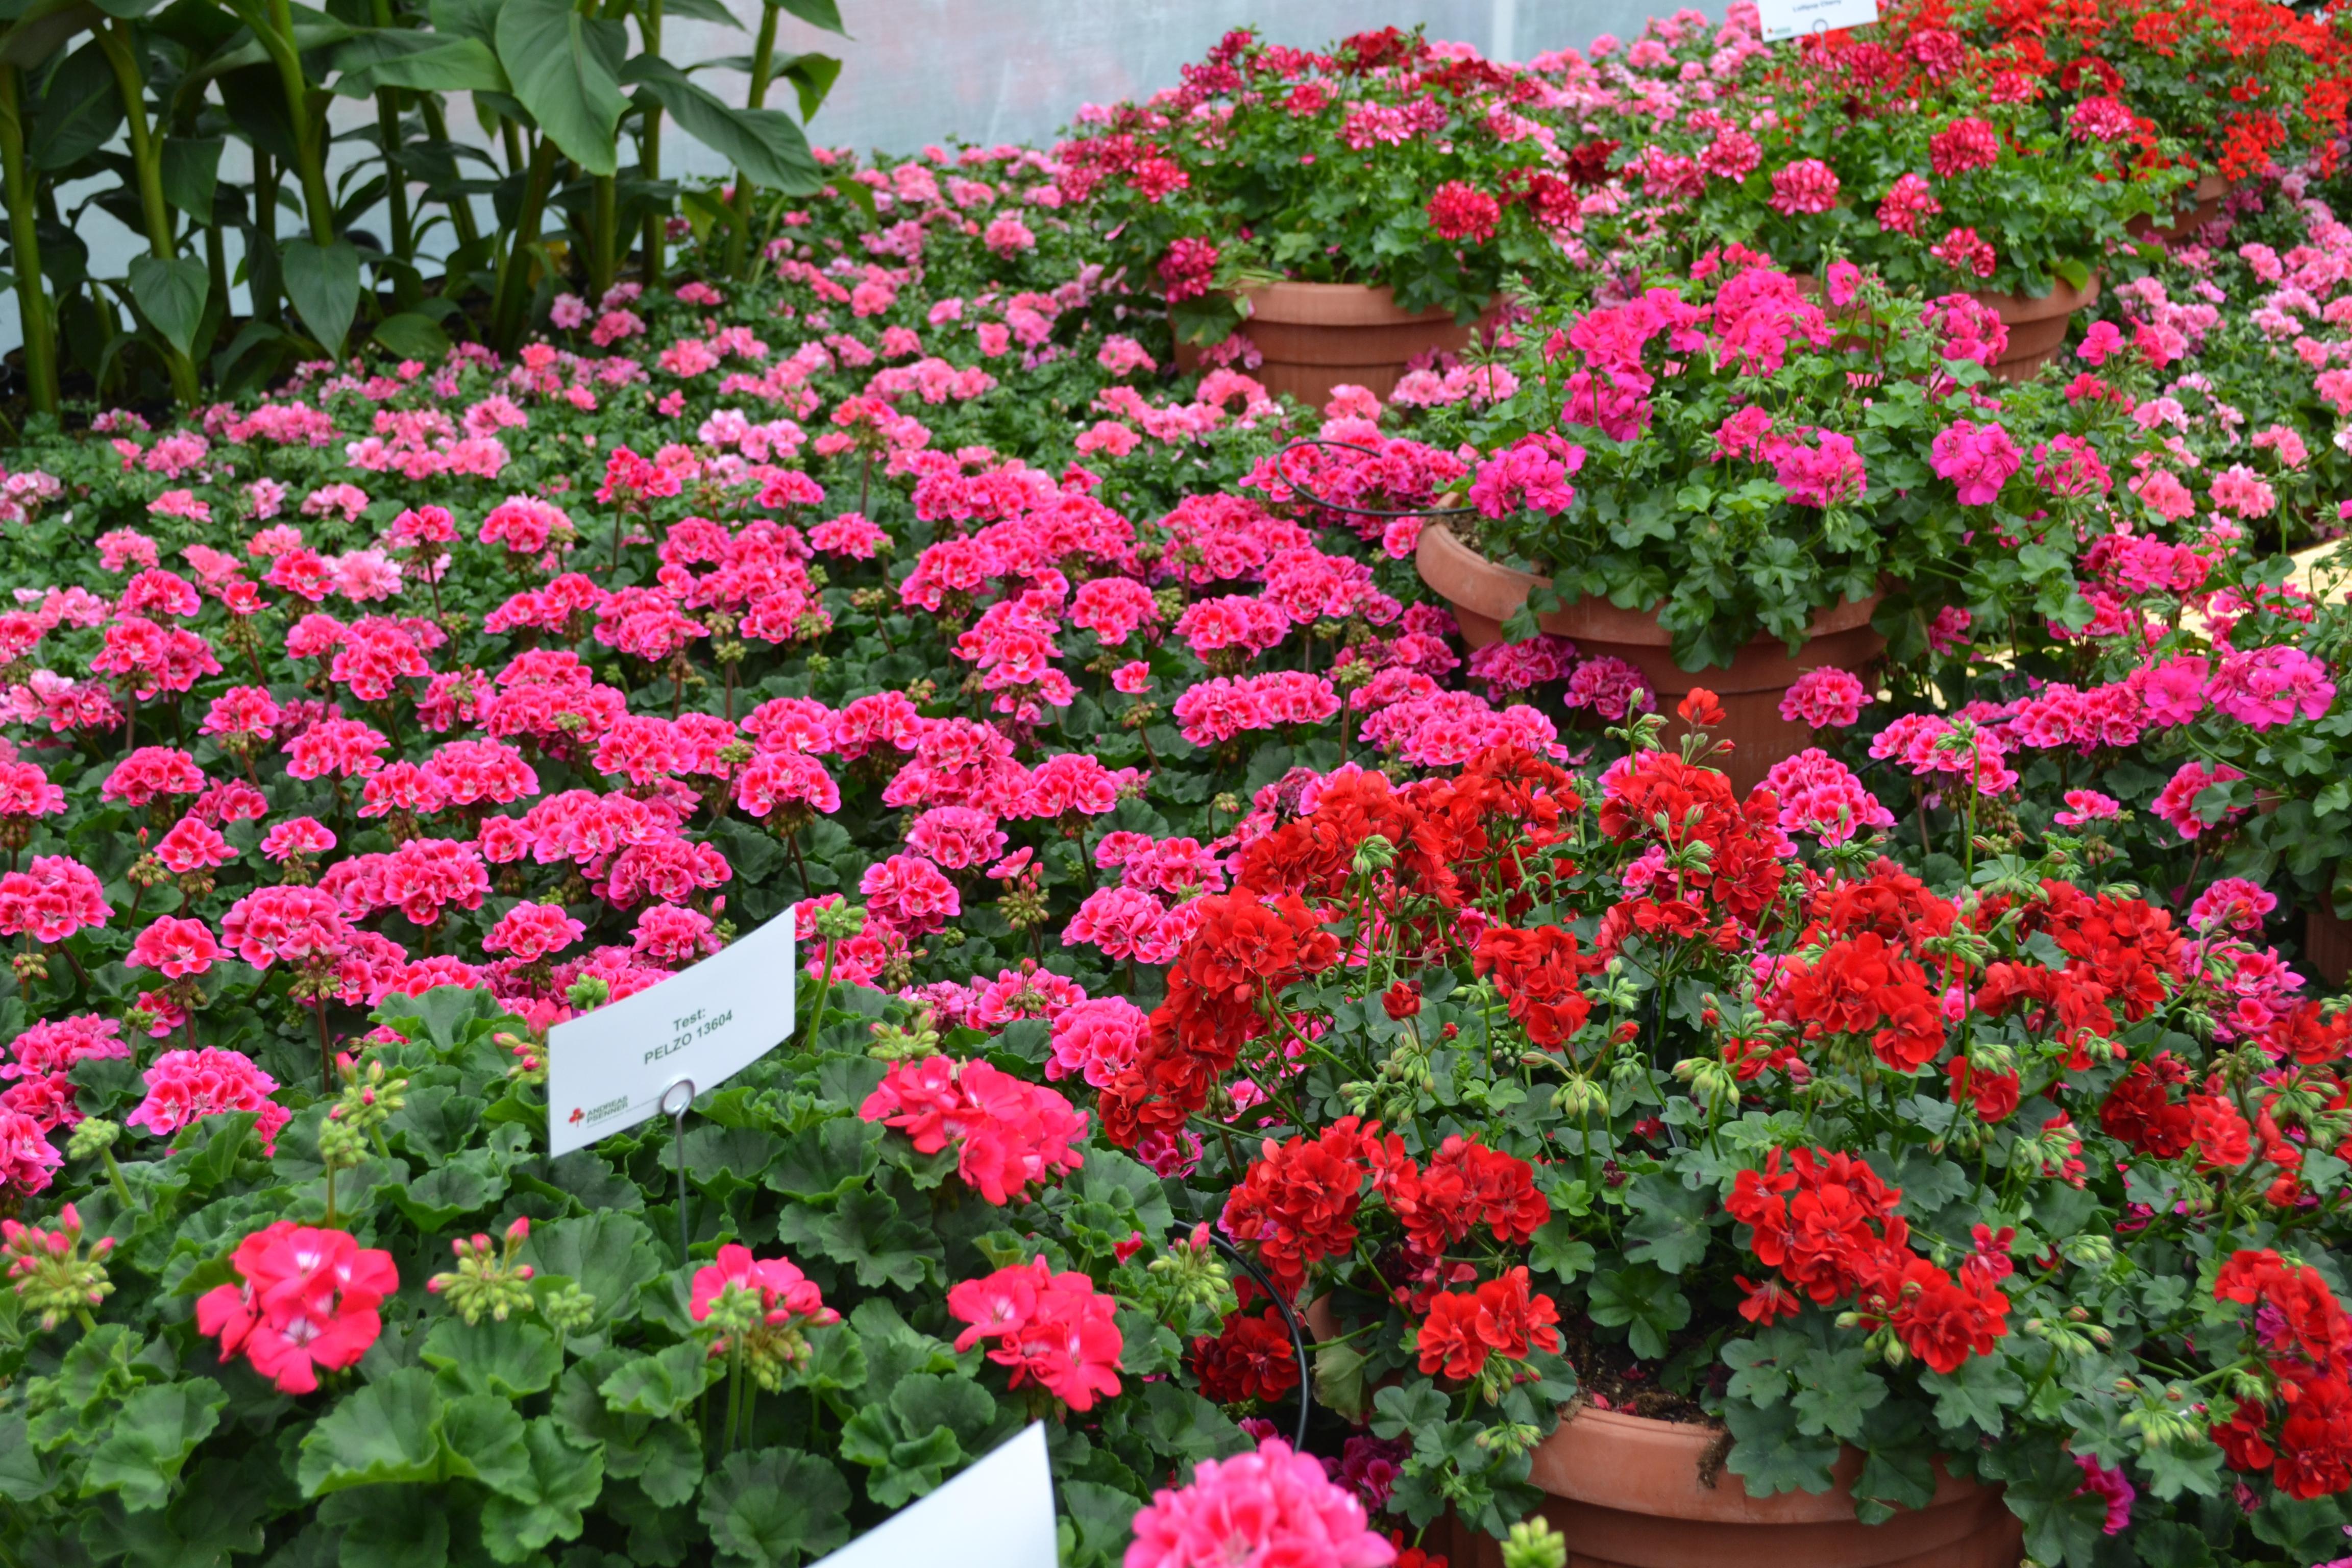 gerani surfinie piante annuali fiorite a soli 2 00 ForPiante Annuali